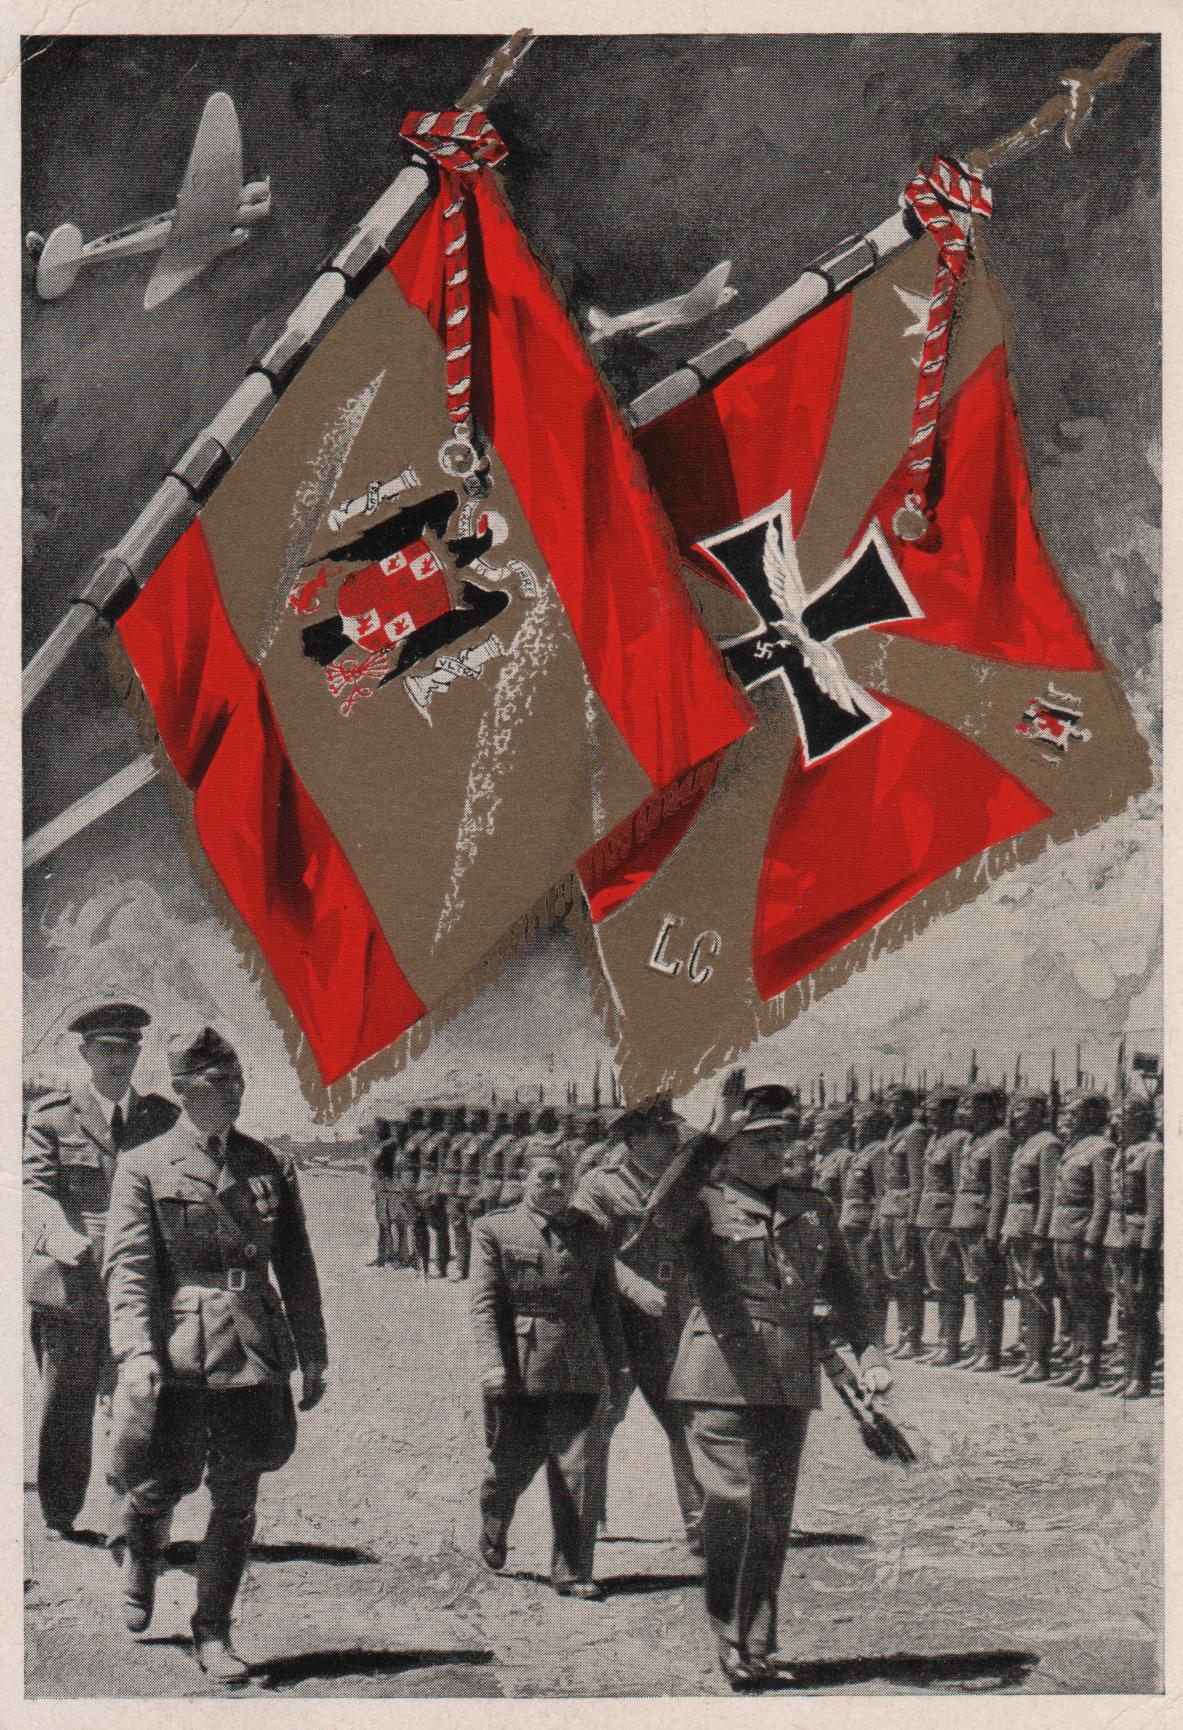 Unsere Patriotrischen Flaggen - Deutschen Patrioten